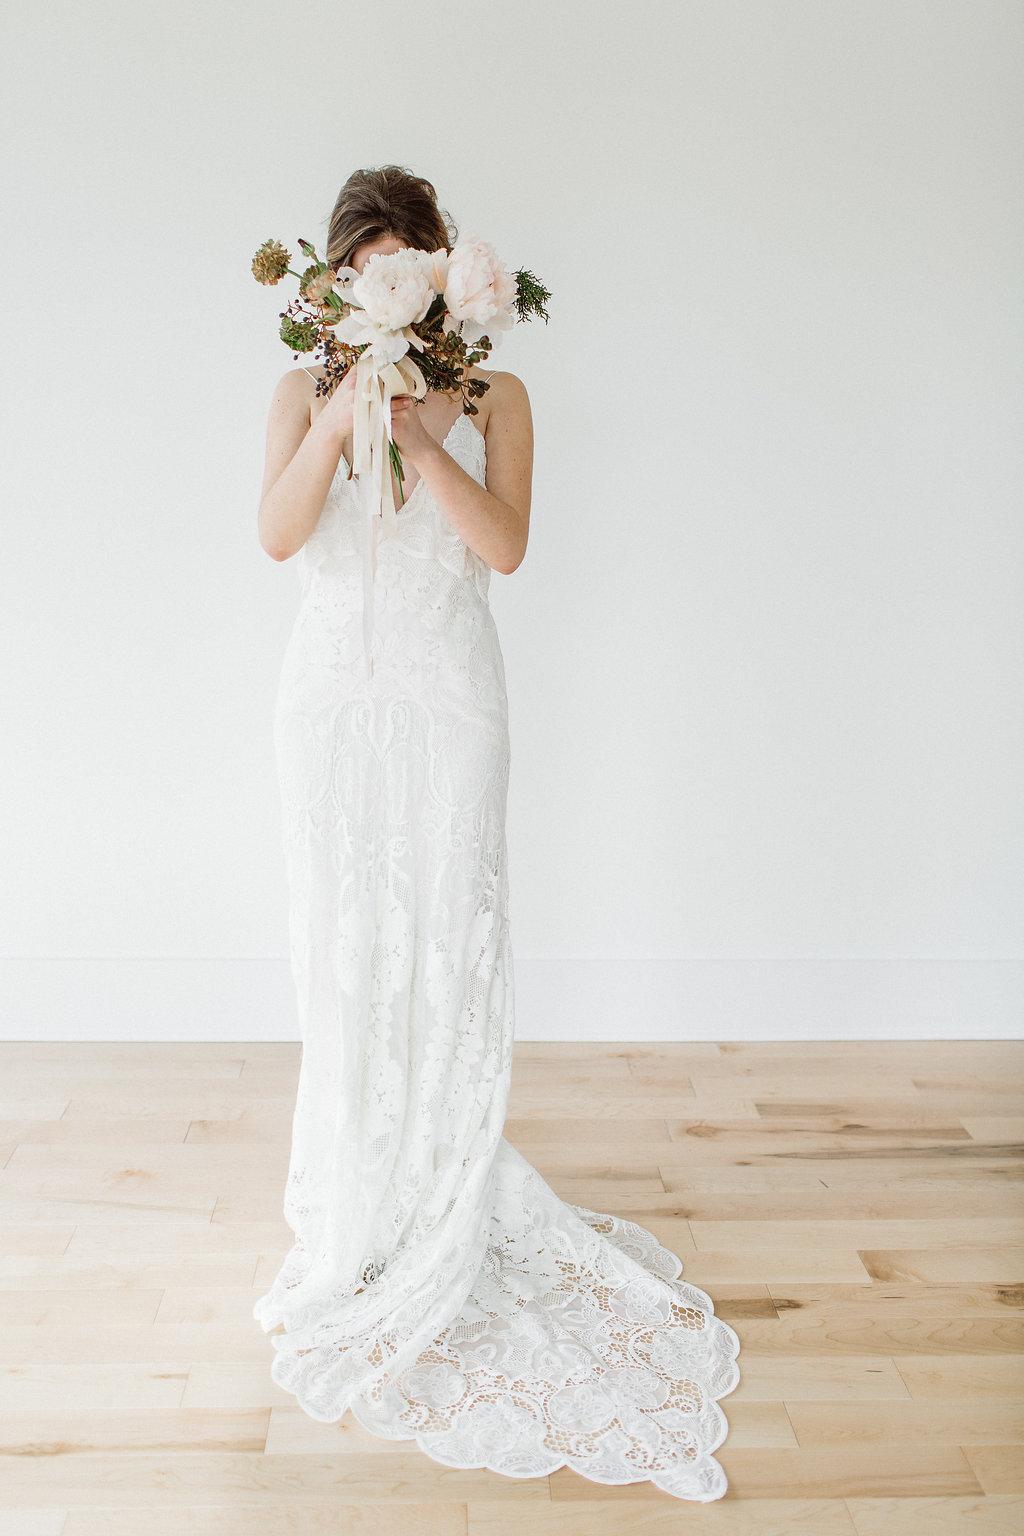 Everthine-Bridal-Ashley-Largesse-15.jpg